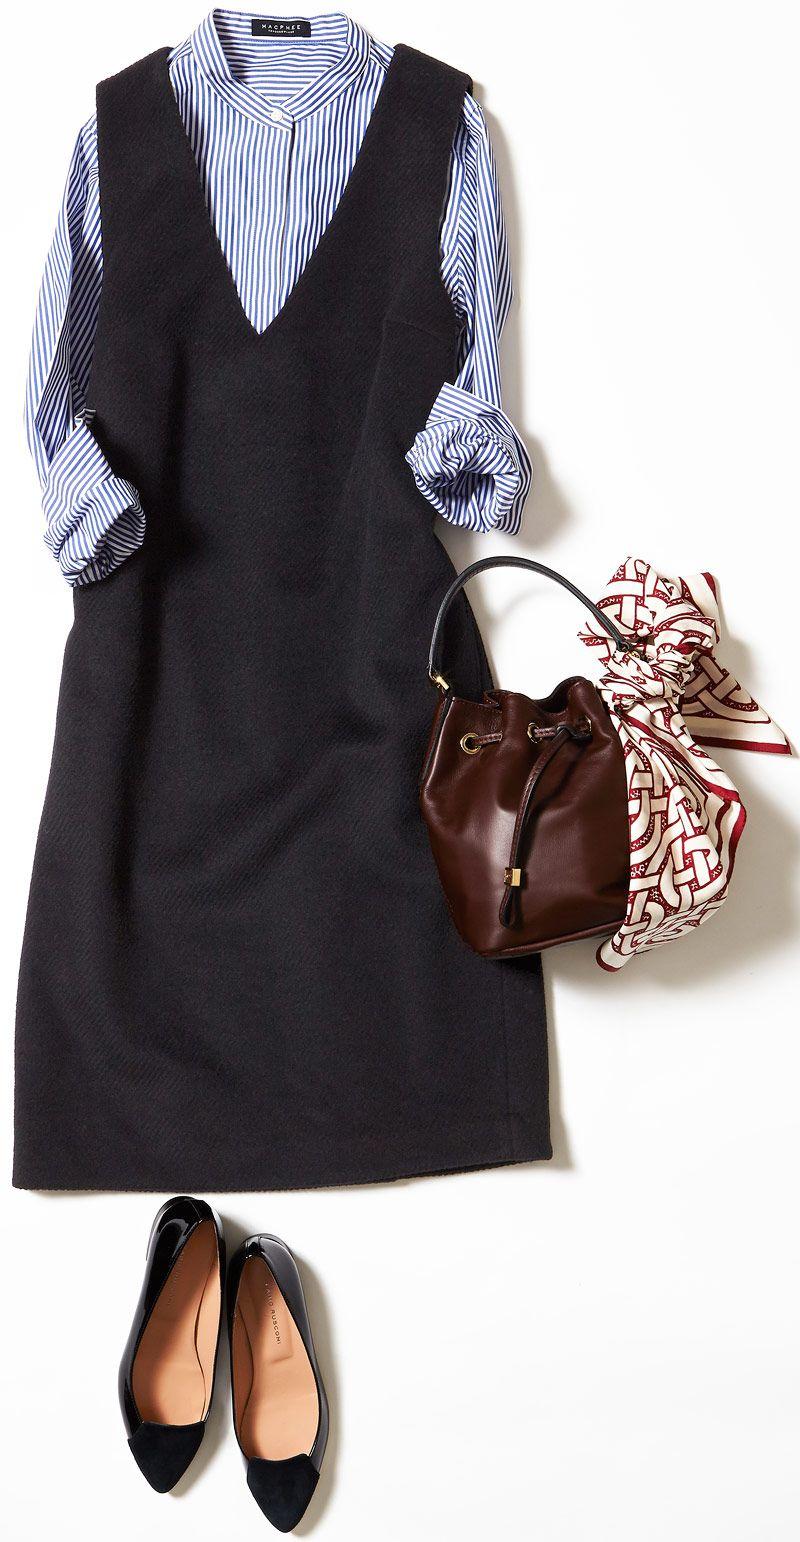 今週のレッスン 冬のワンピース セットアップの着こなし ルミネ北千住 trendy fashion fashion fashion outfits